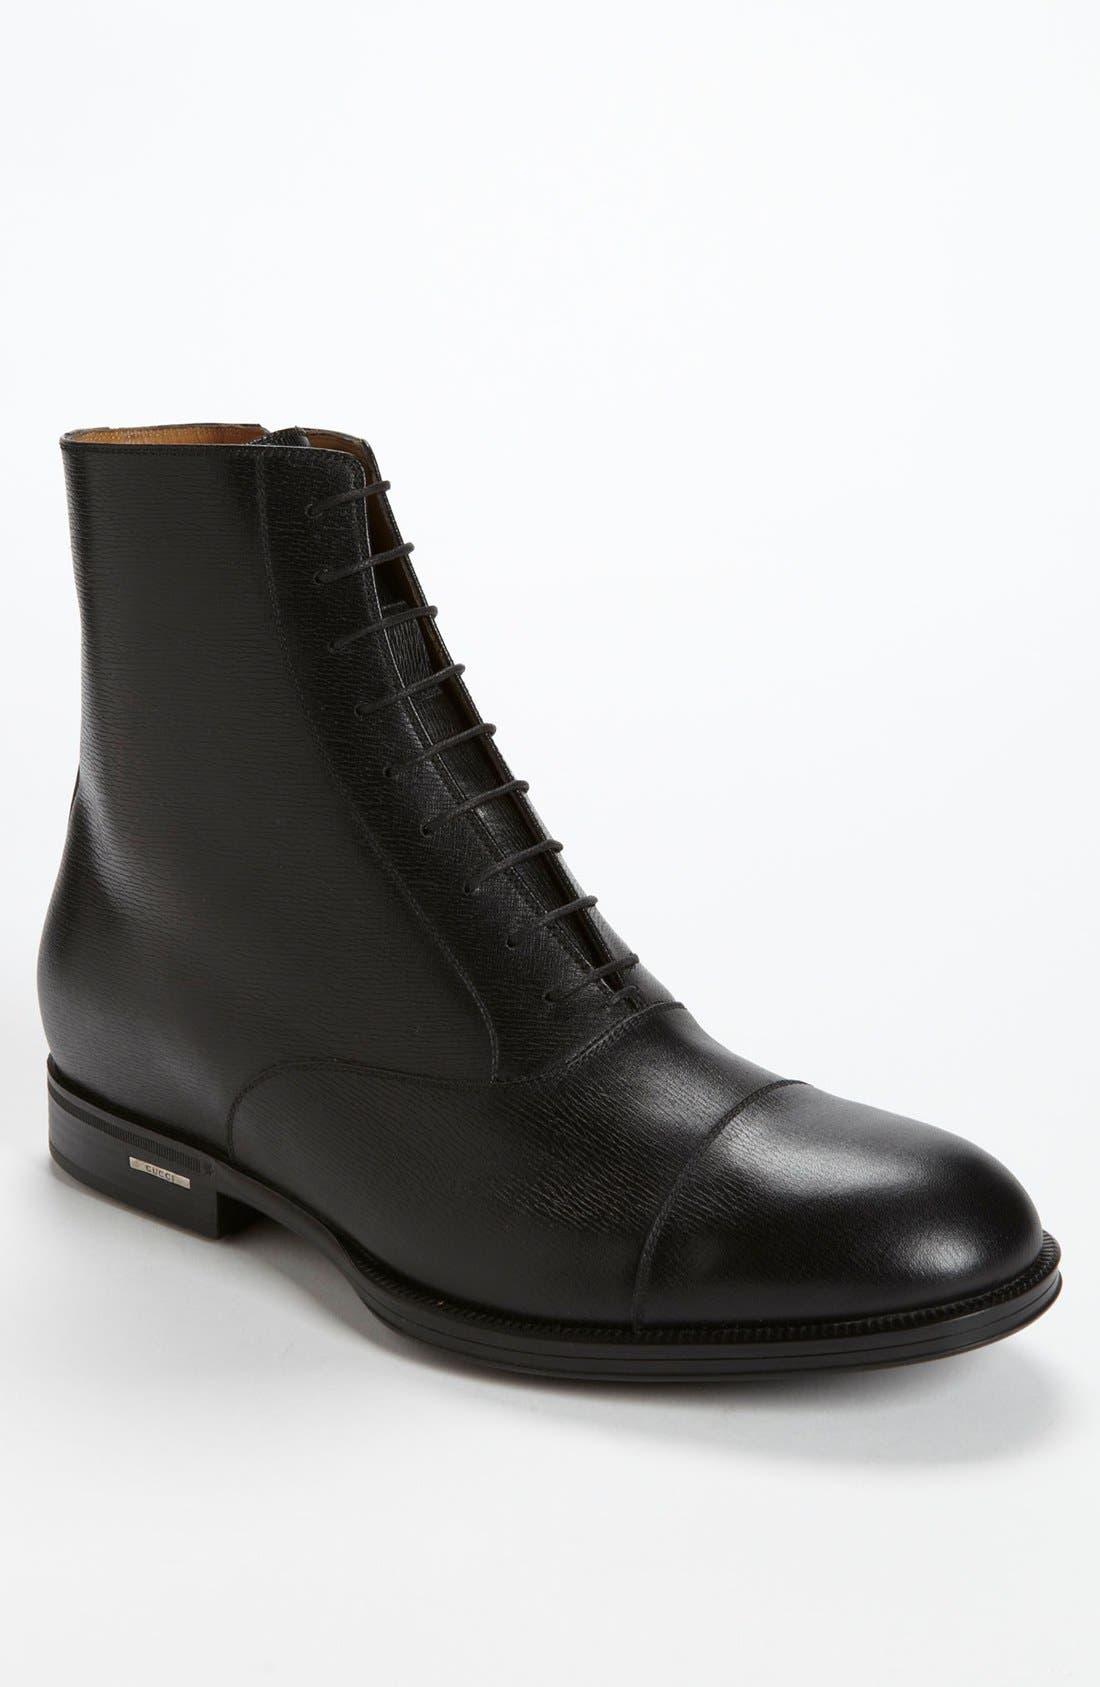 Alternate Image 1 Selected - Gucci 'Handir' Cap Toe Boot